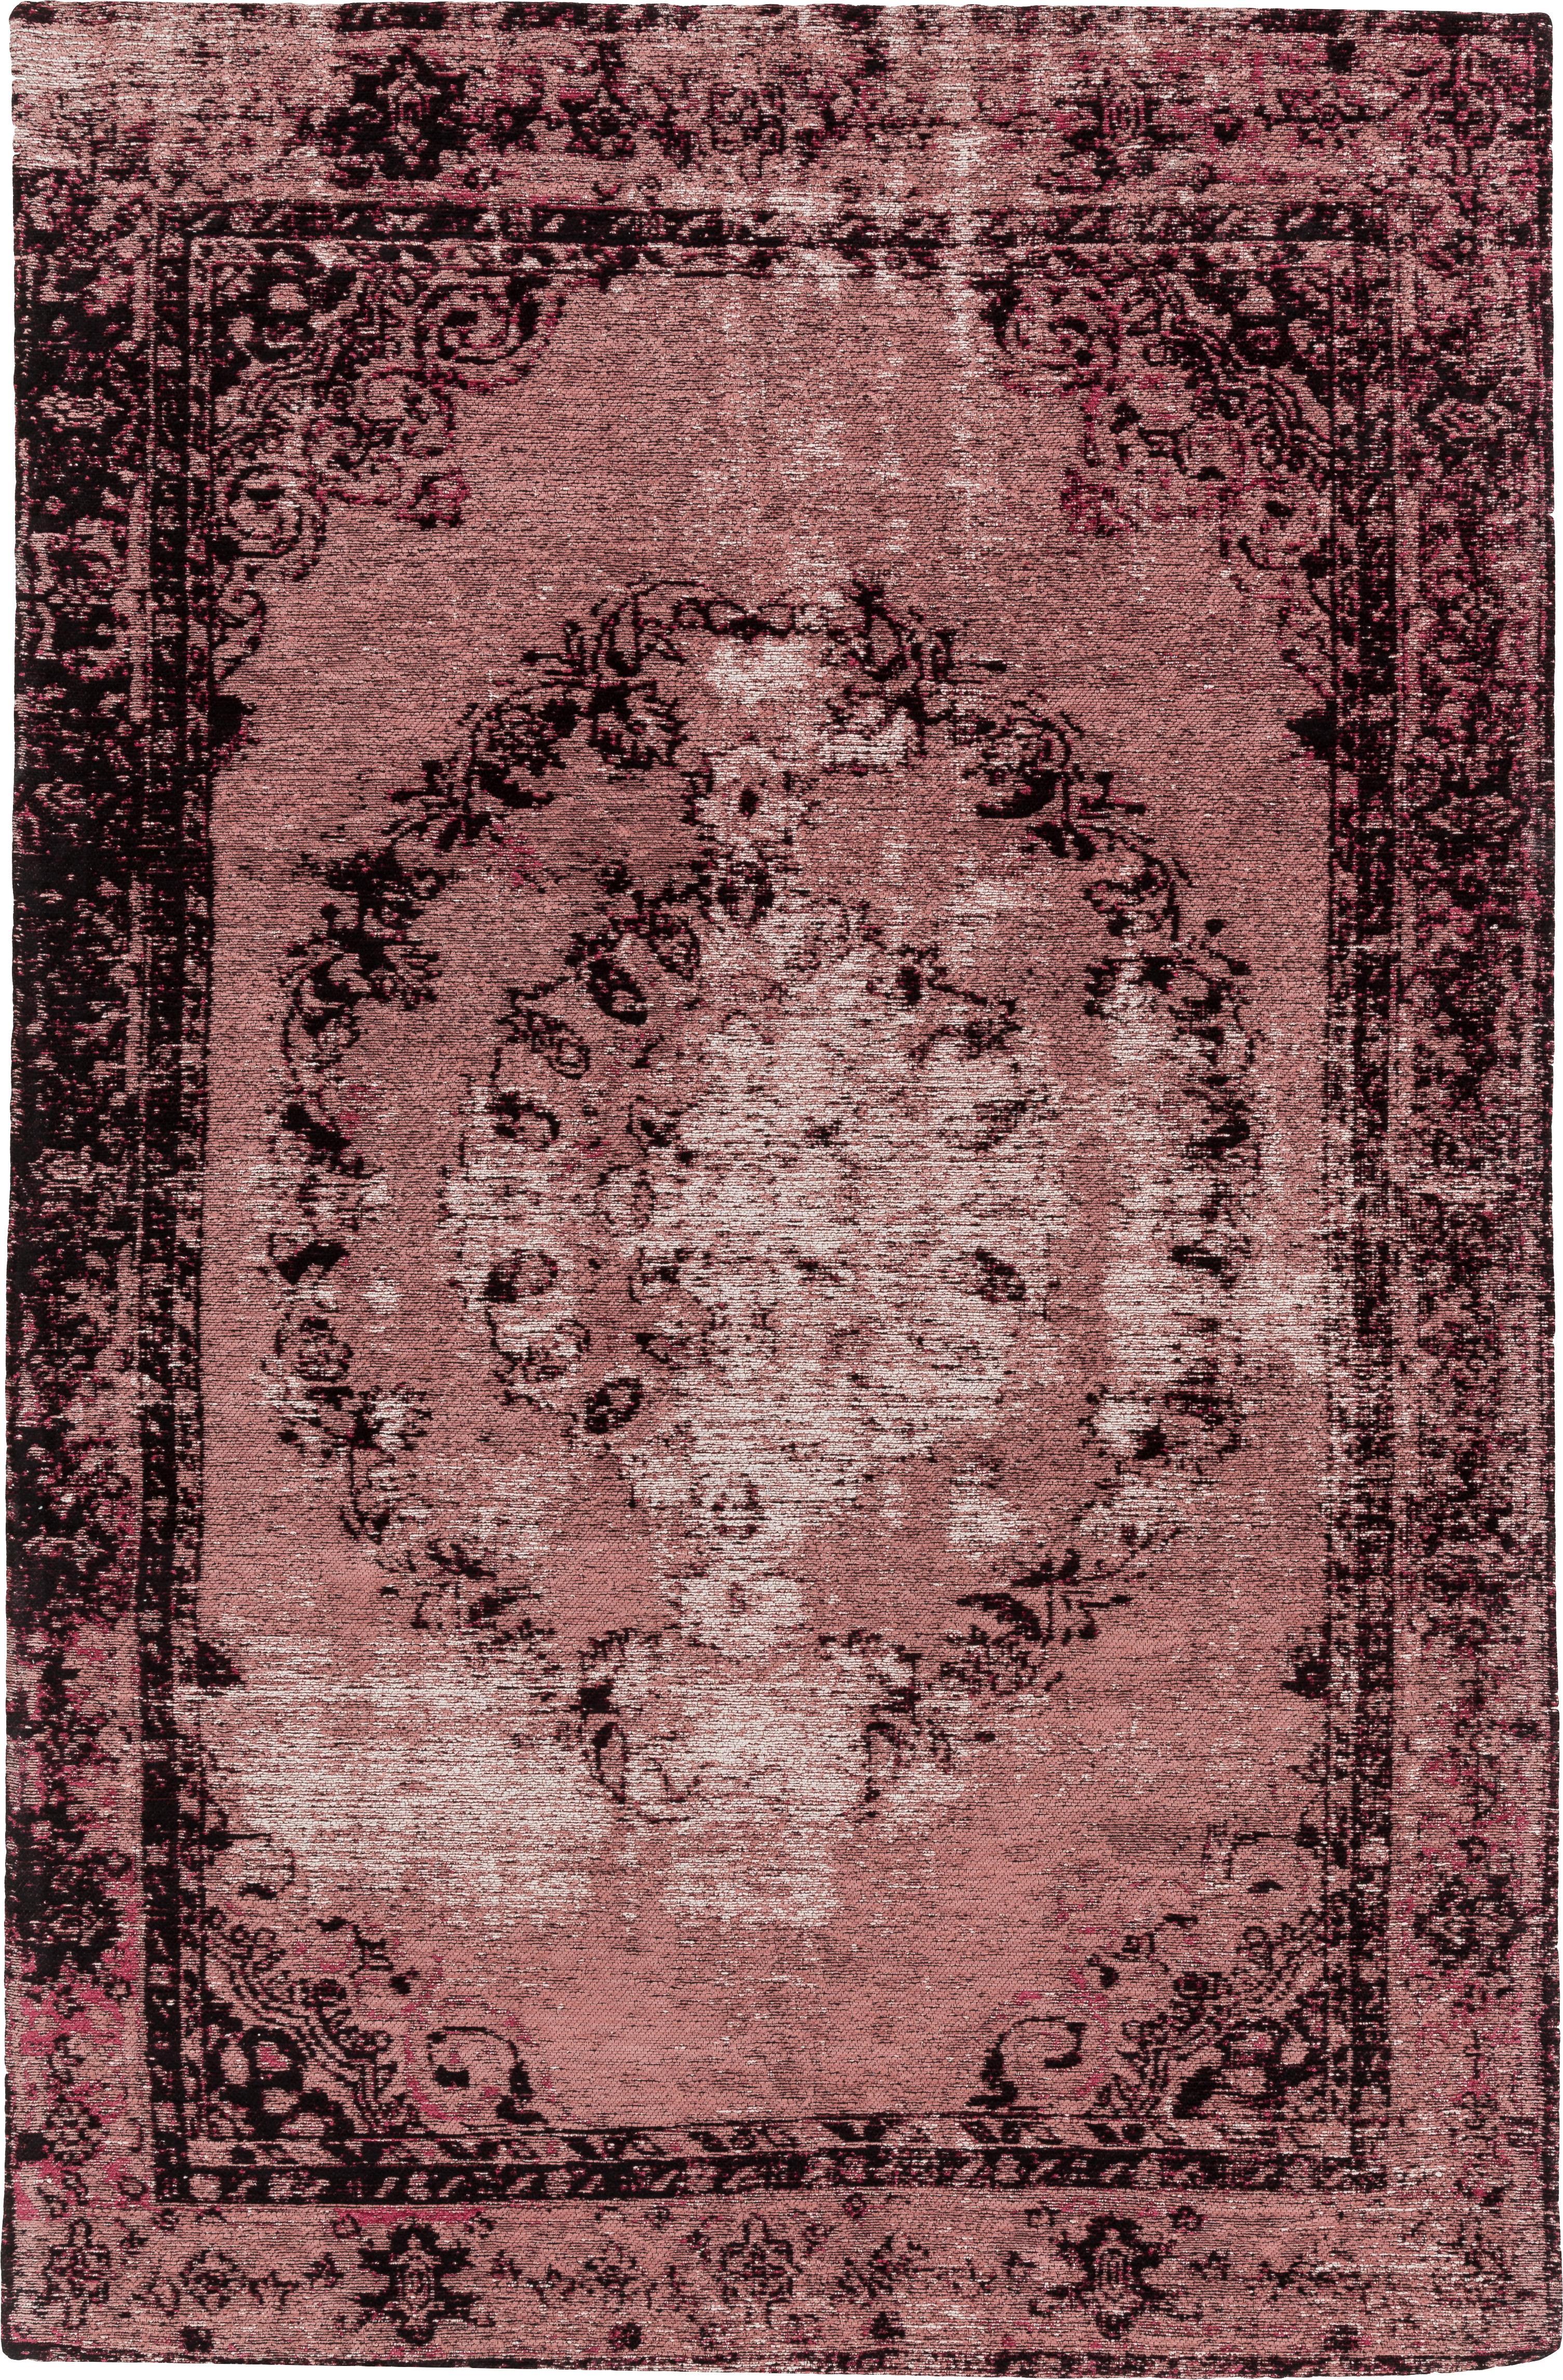 Tappeto in ciniglia tessuto a mano Milan, Vello: 95% cotone 5% poliestere, Retro: 100% cotone, Colori di bacche, nero, crema, Larg. 120 x Lung. 180 cm (taglia S)